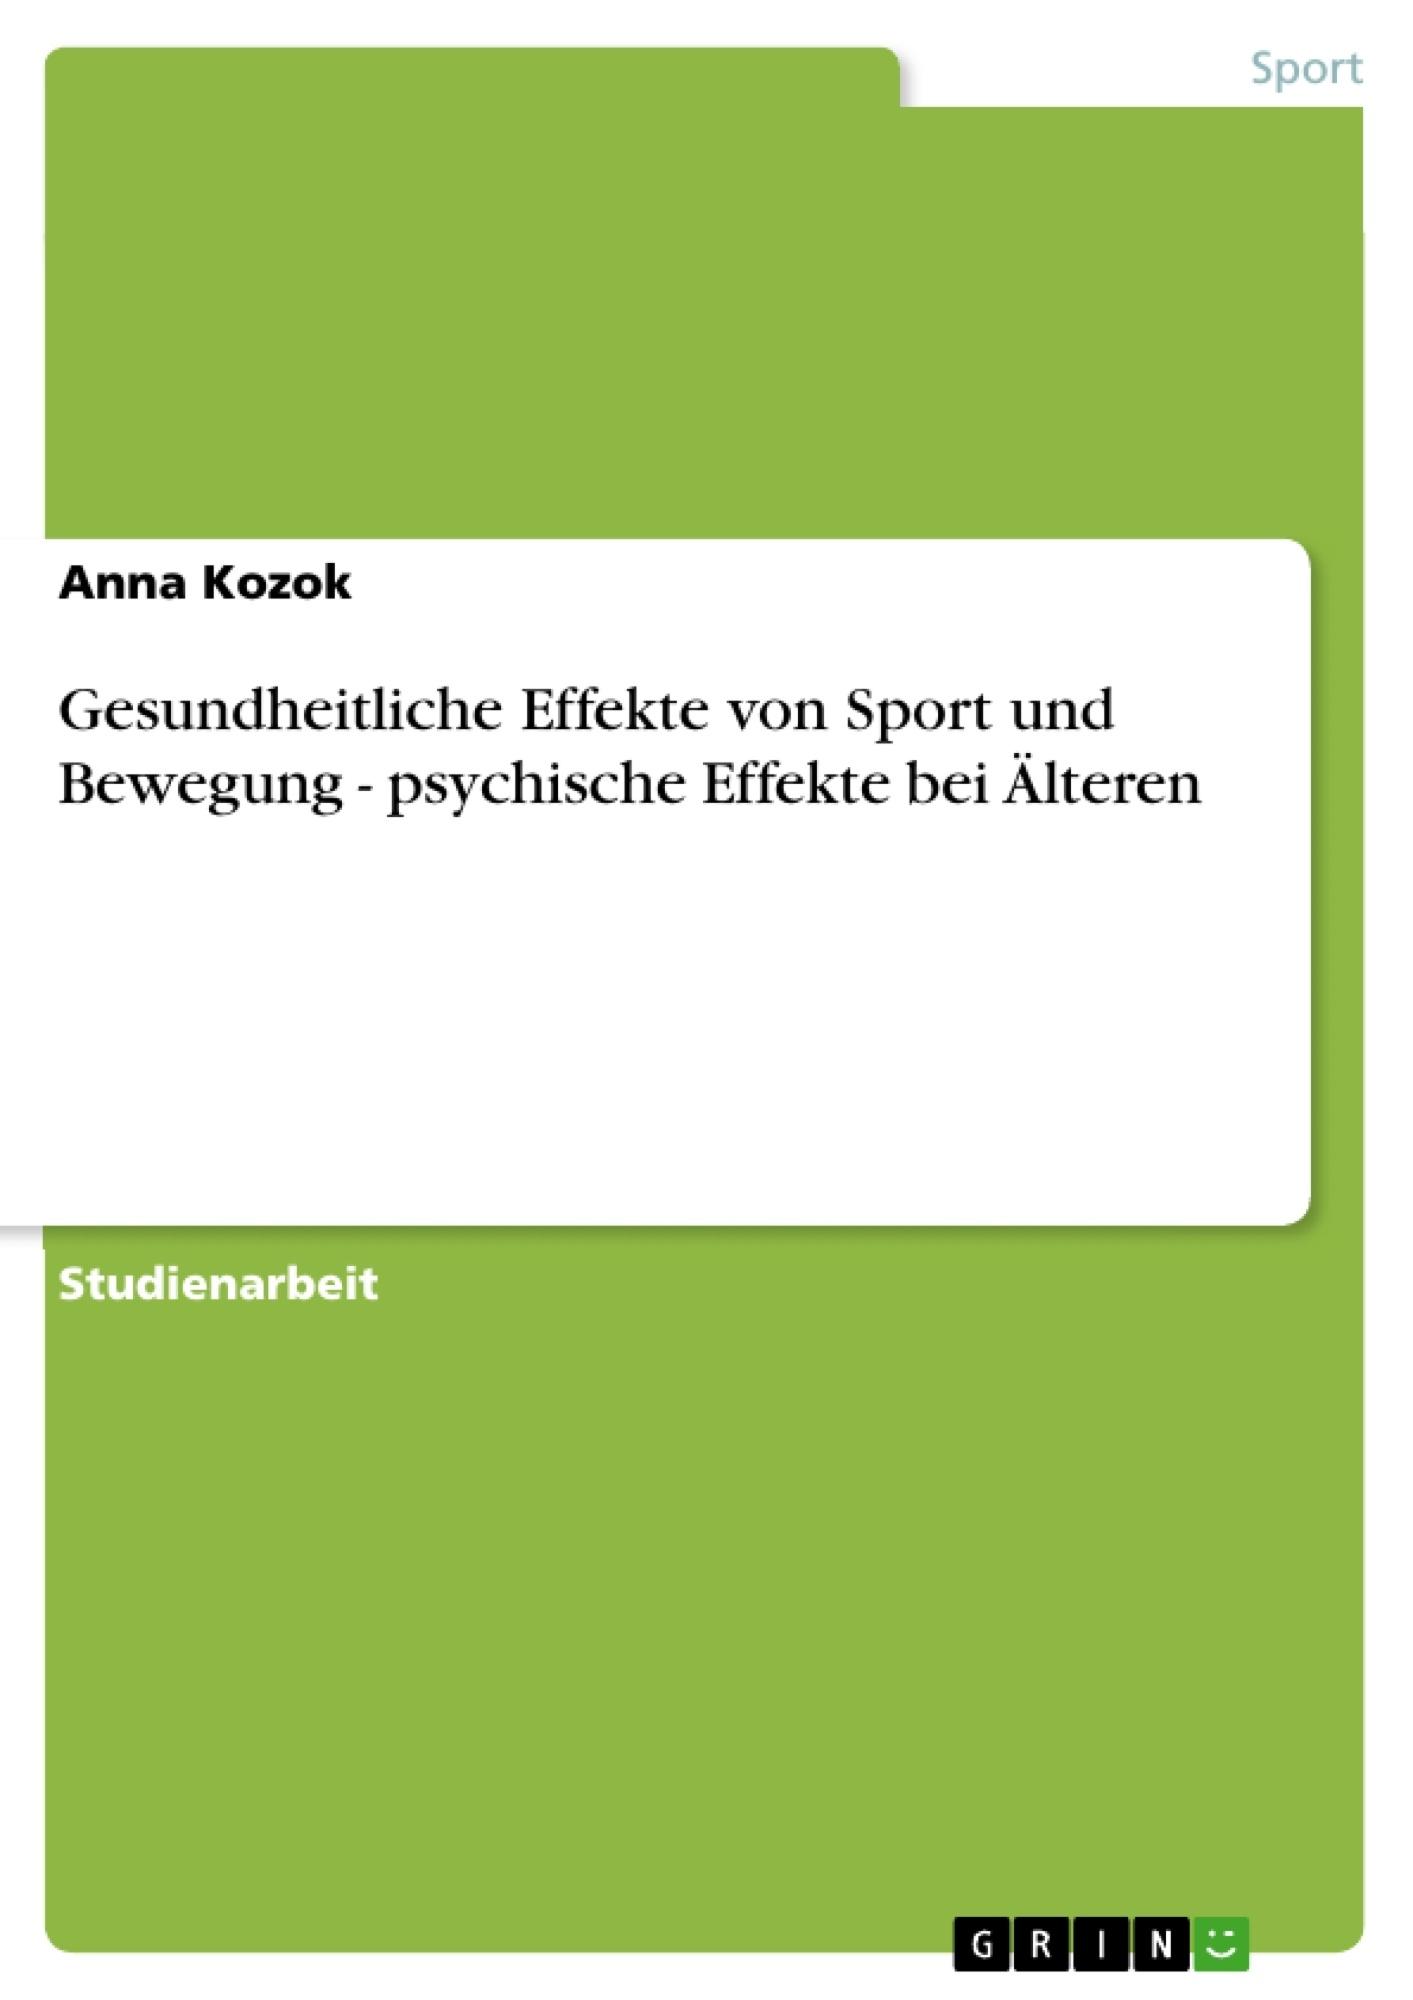 Titel: Gesundheitliche Effekte von Sport und Bewegung - psychische Effekte bei Älteren